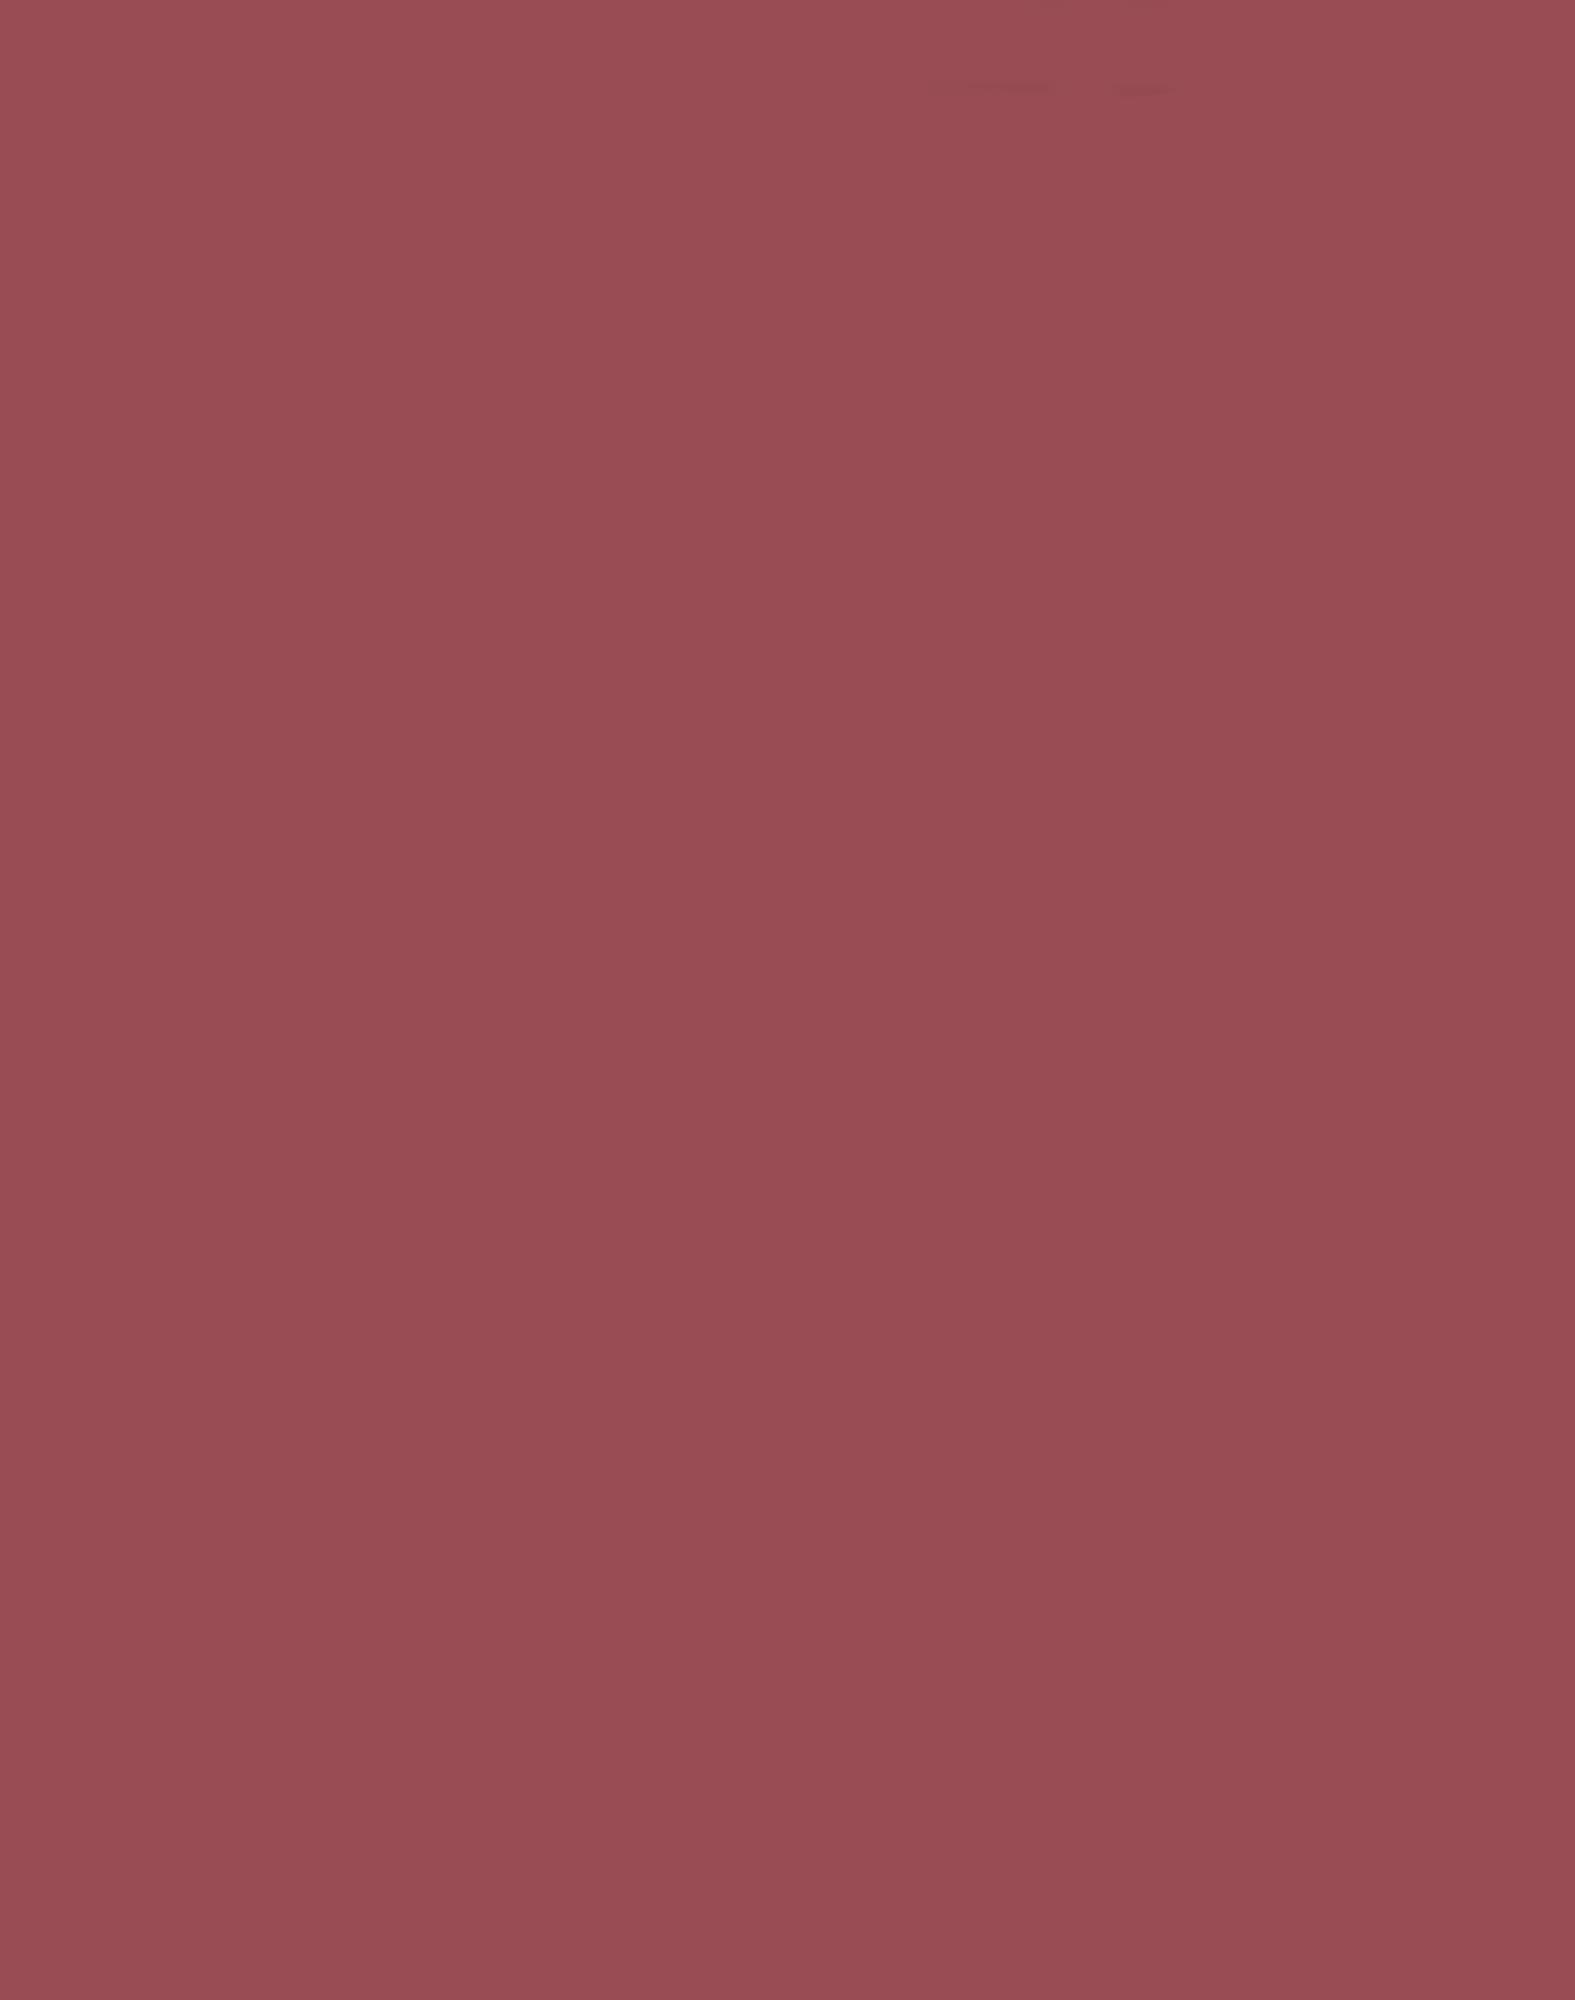 Dusky Berry 153,76,83